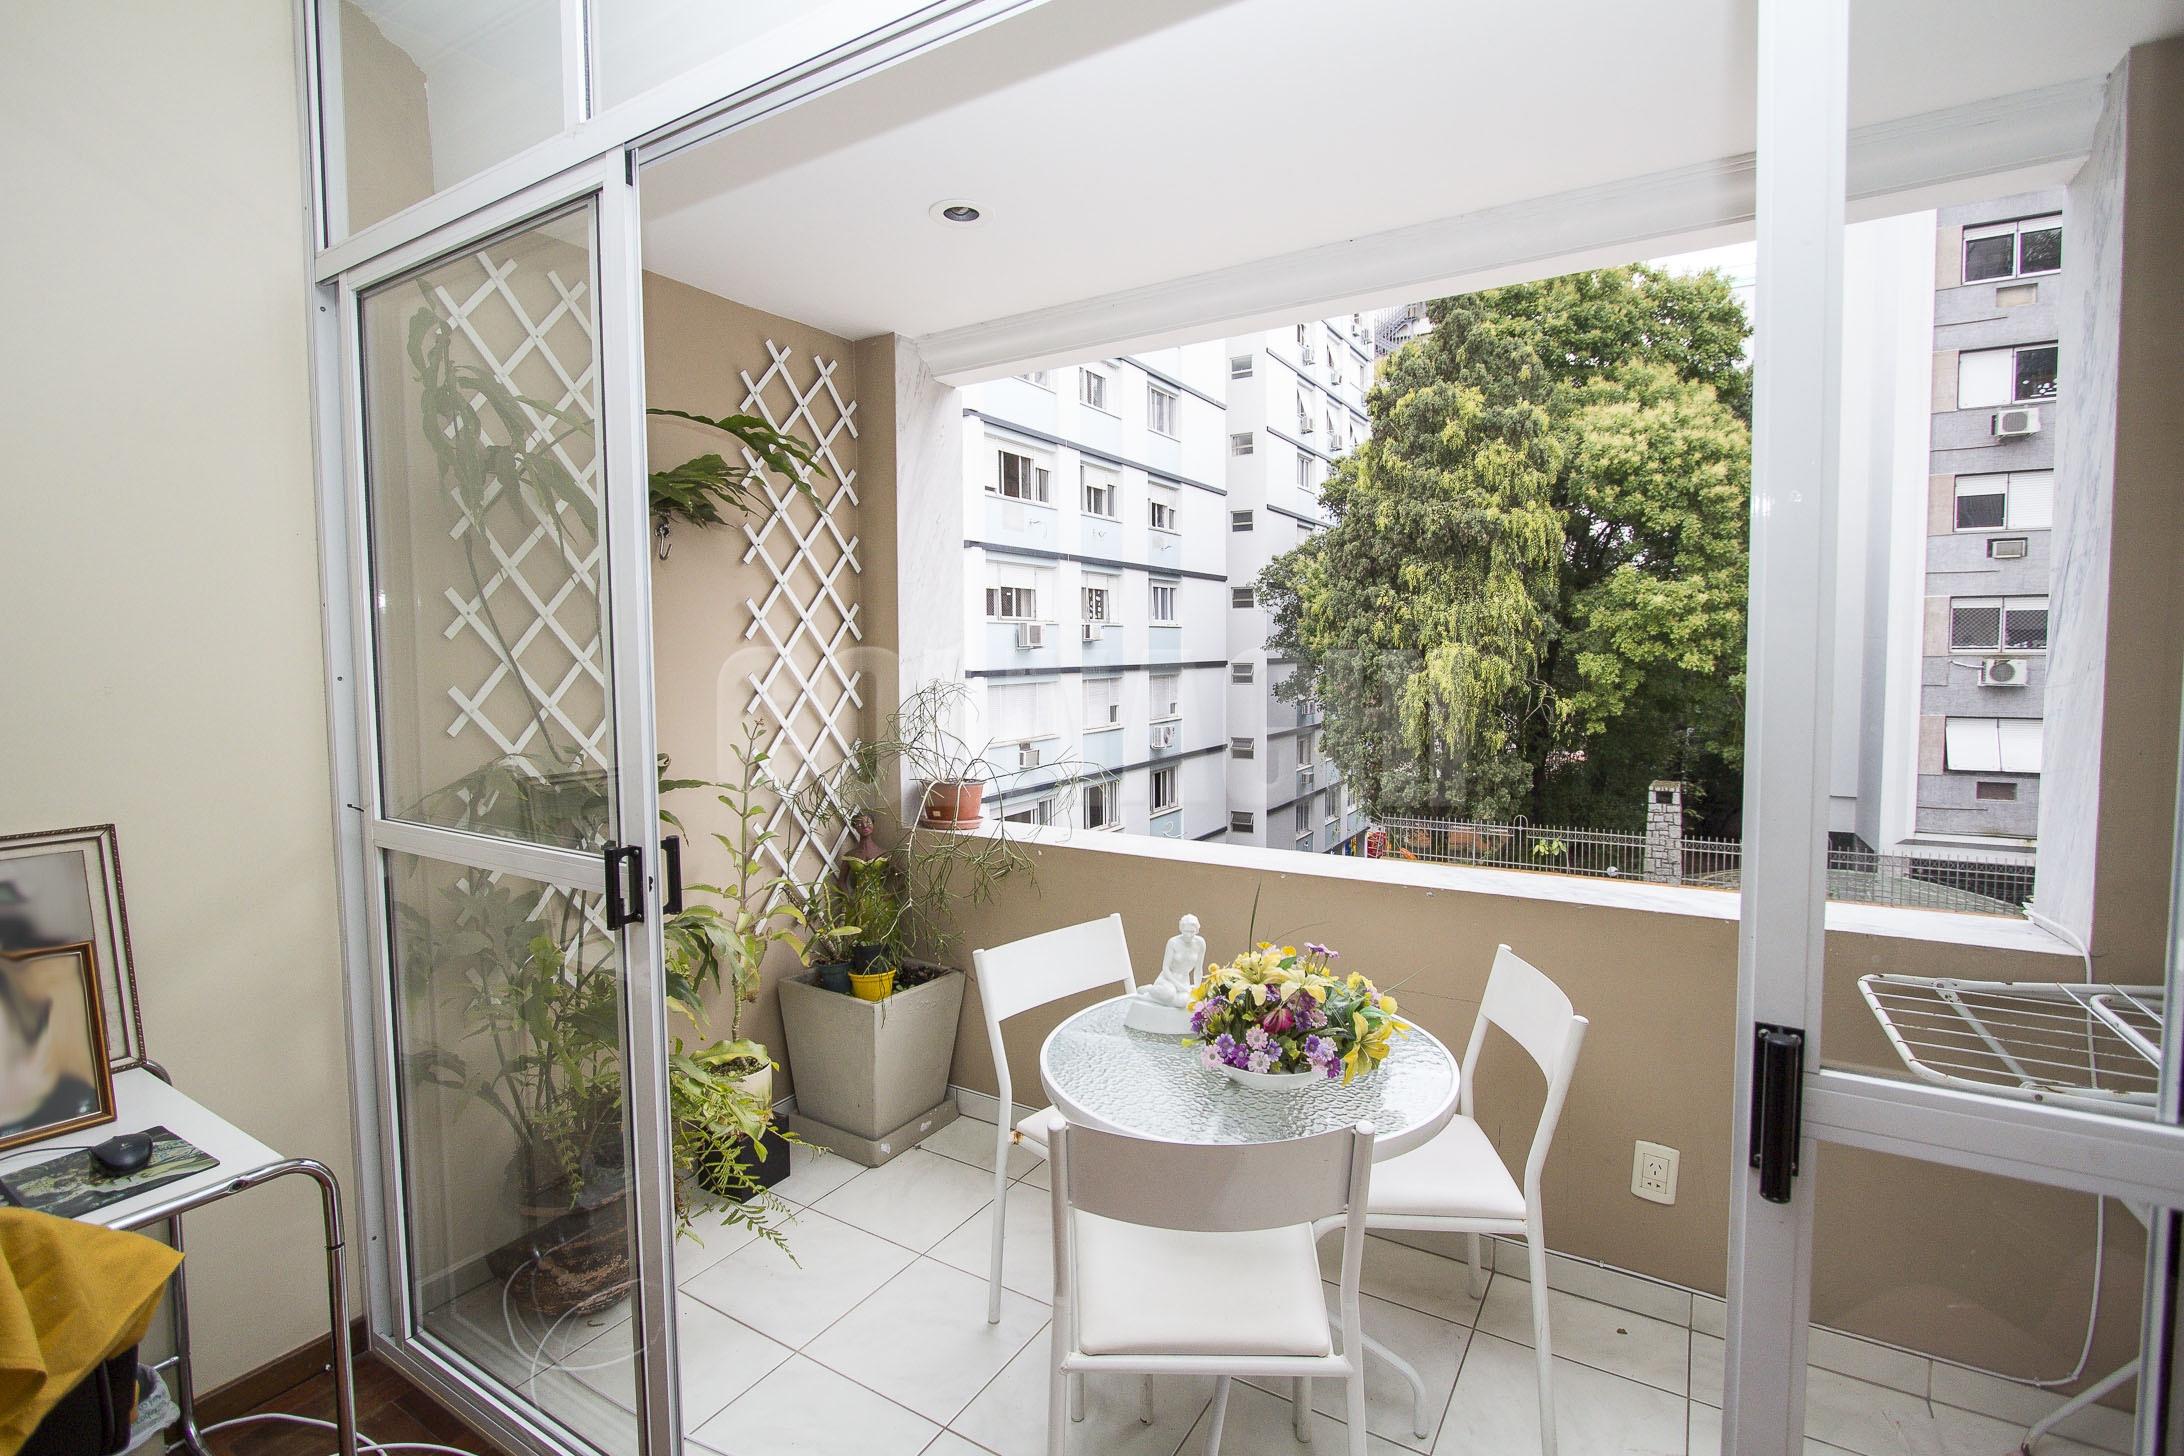 Sinuelo - Apto 3 Dorm, Moinhos de Vento, Porto Alegre (CL5592) - Foto 11